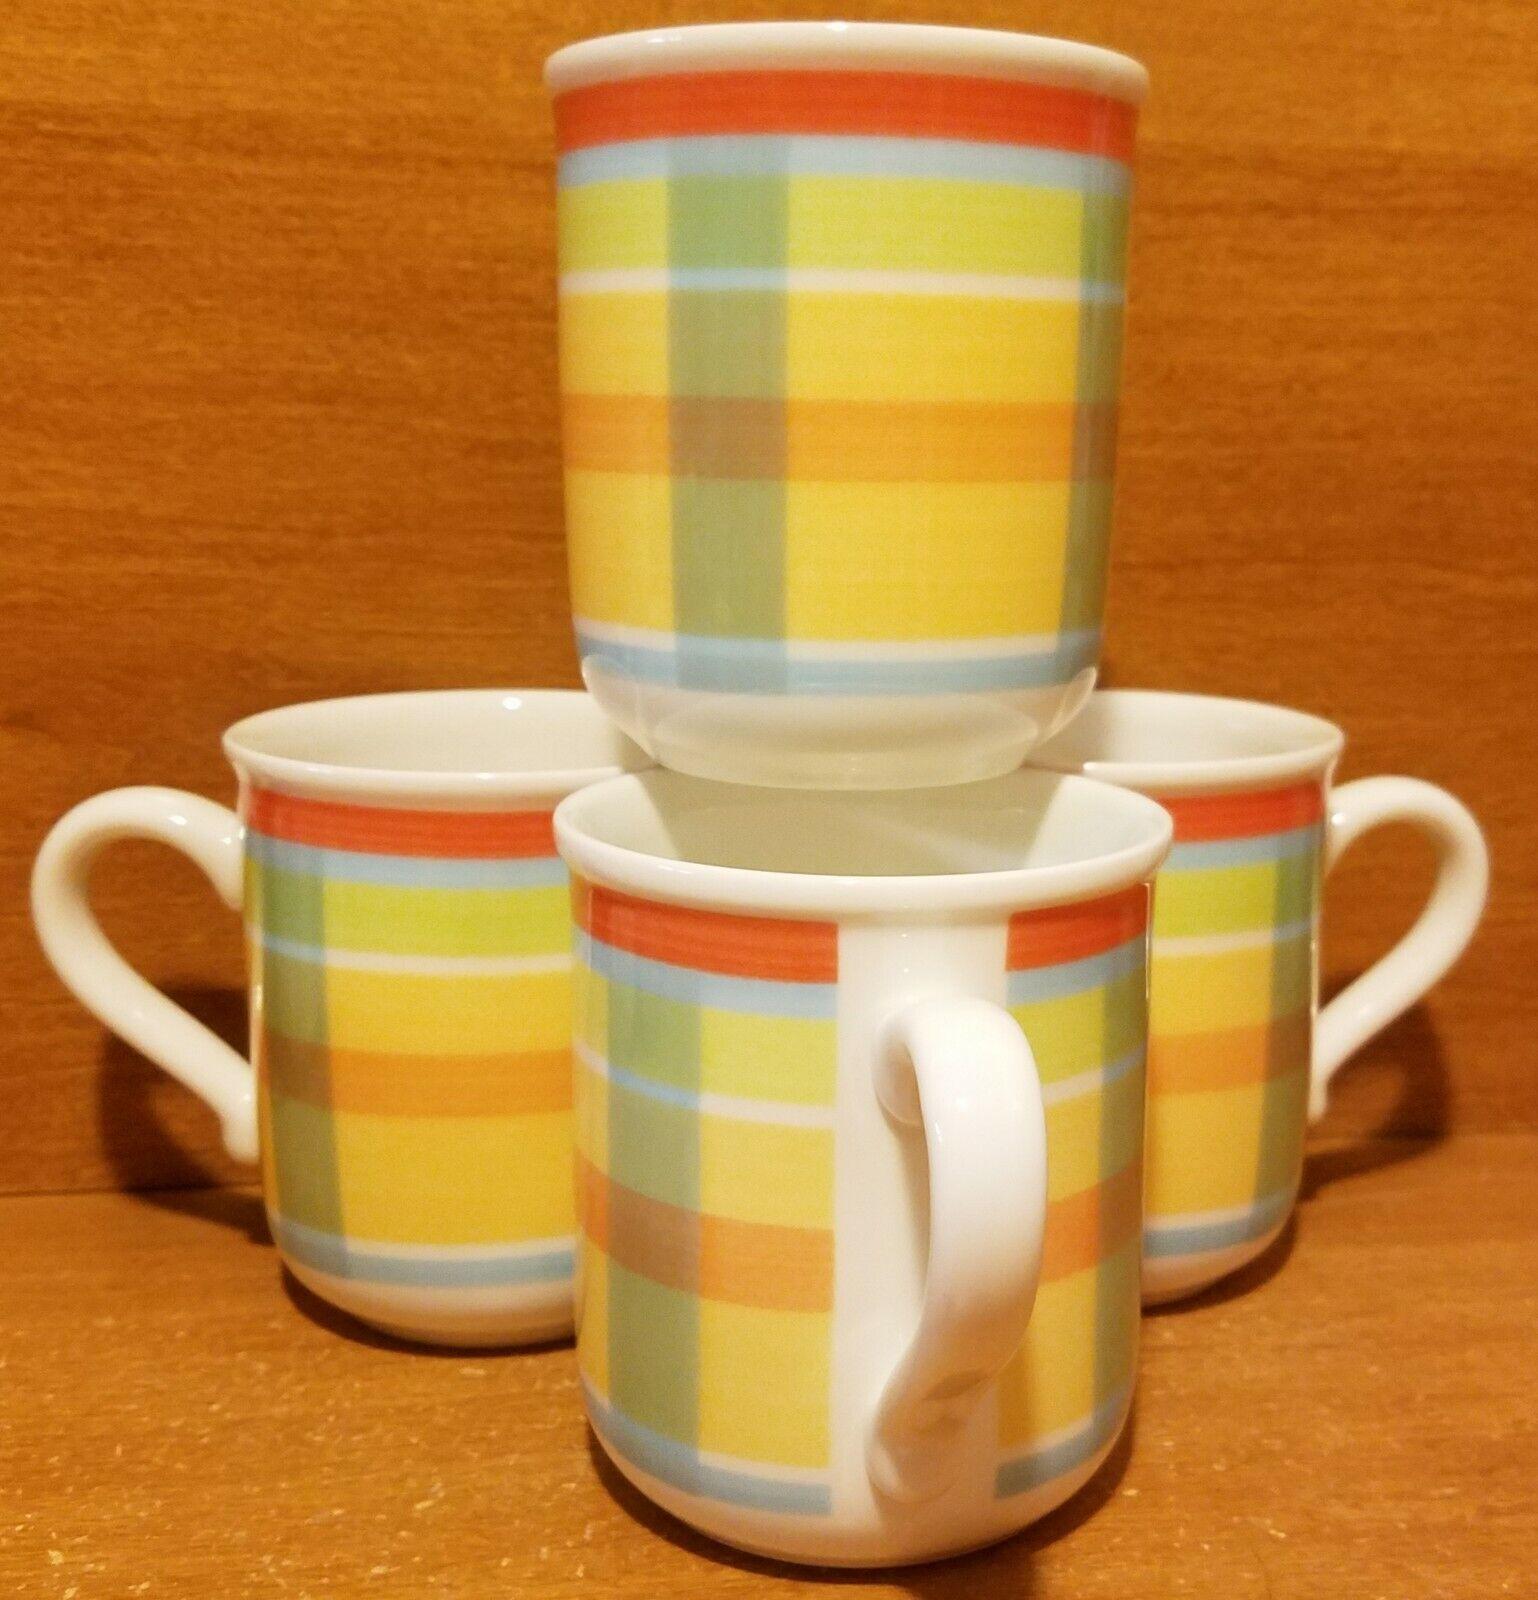 Villeroy & Boch MONSIEUR Mug set of 4, 3 5 8 , Switch Bonjour, Porcelain, EUC